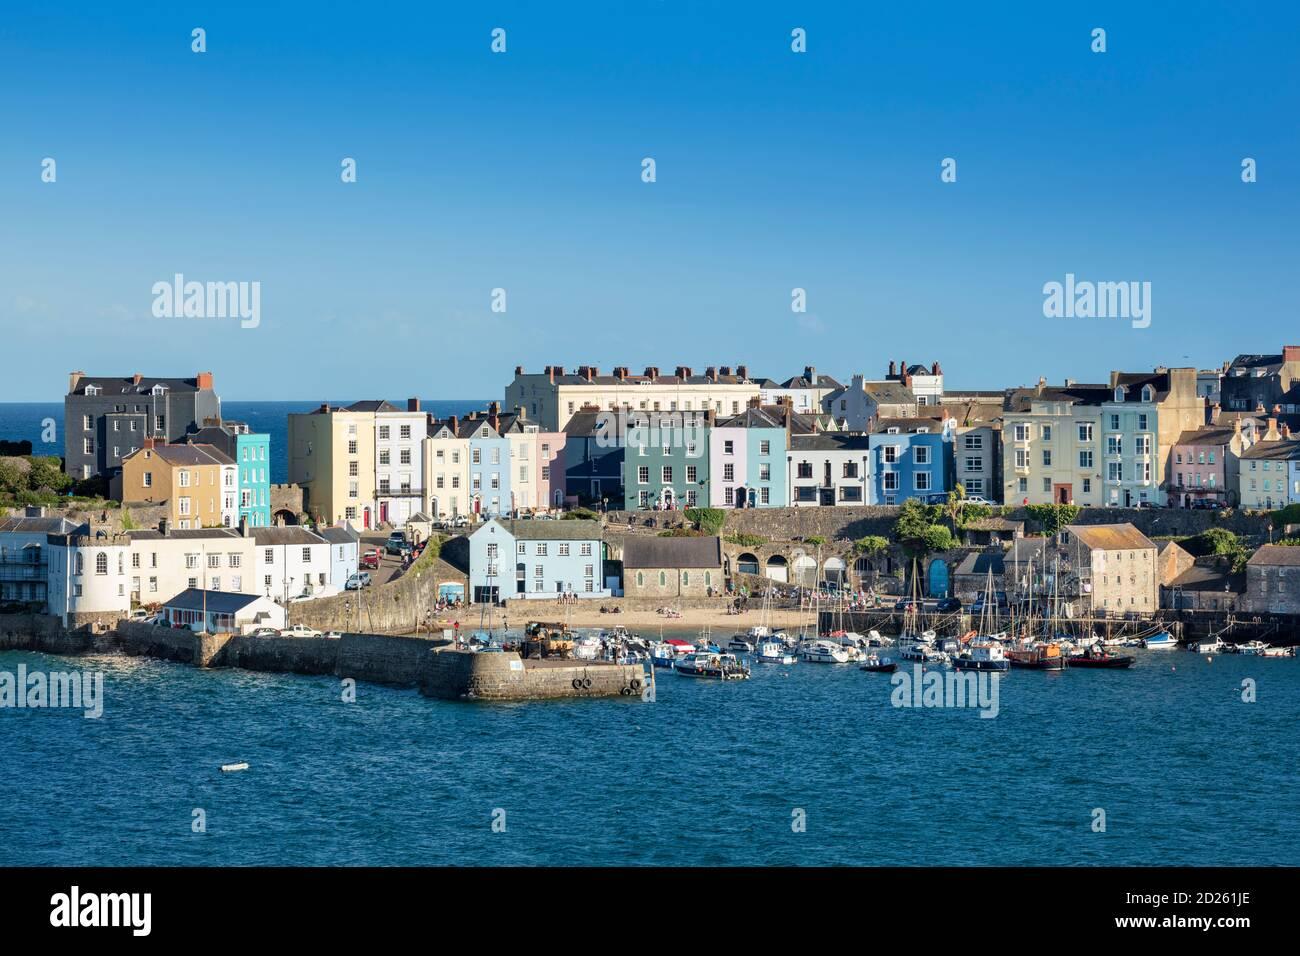 Ville et port de Tenby, jour d'été, ciel bleu, station de Pembrokeshire, Baie de Carmarthen, Canal de Bristol, bord de mer, pays de Galles Banque D'Images